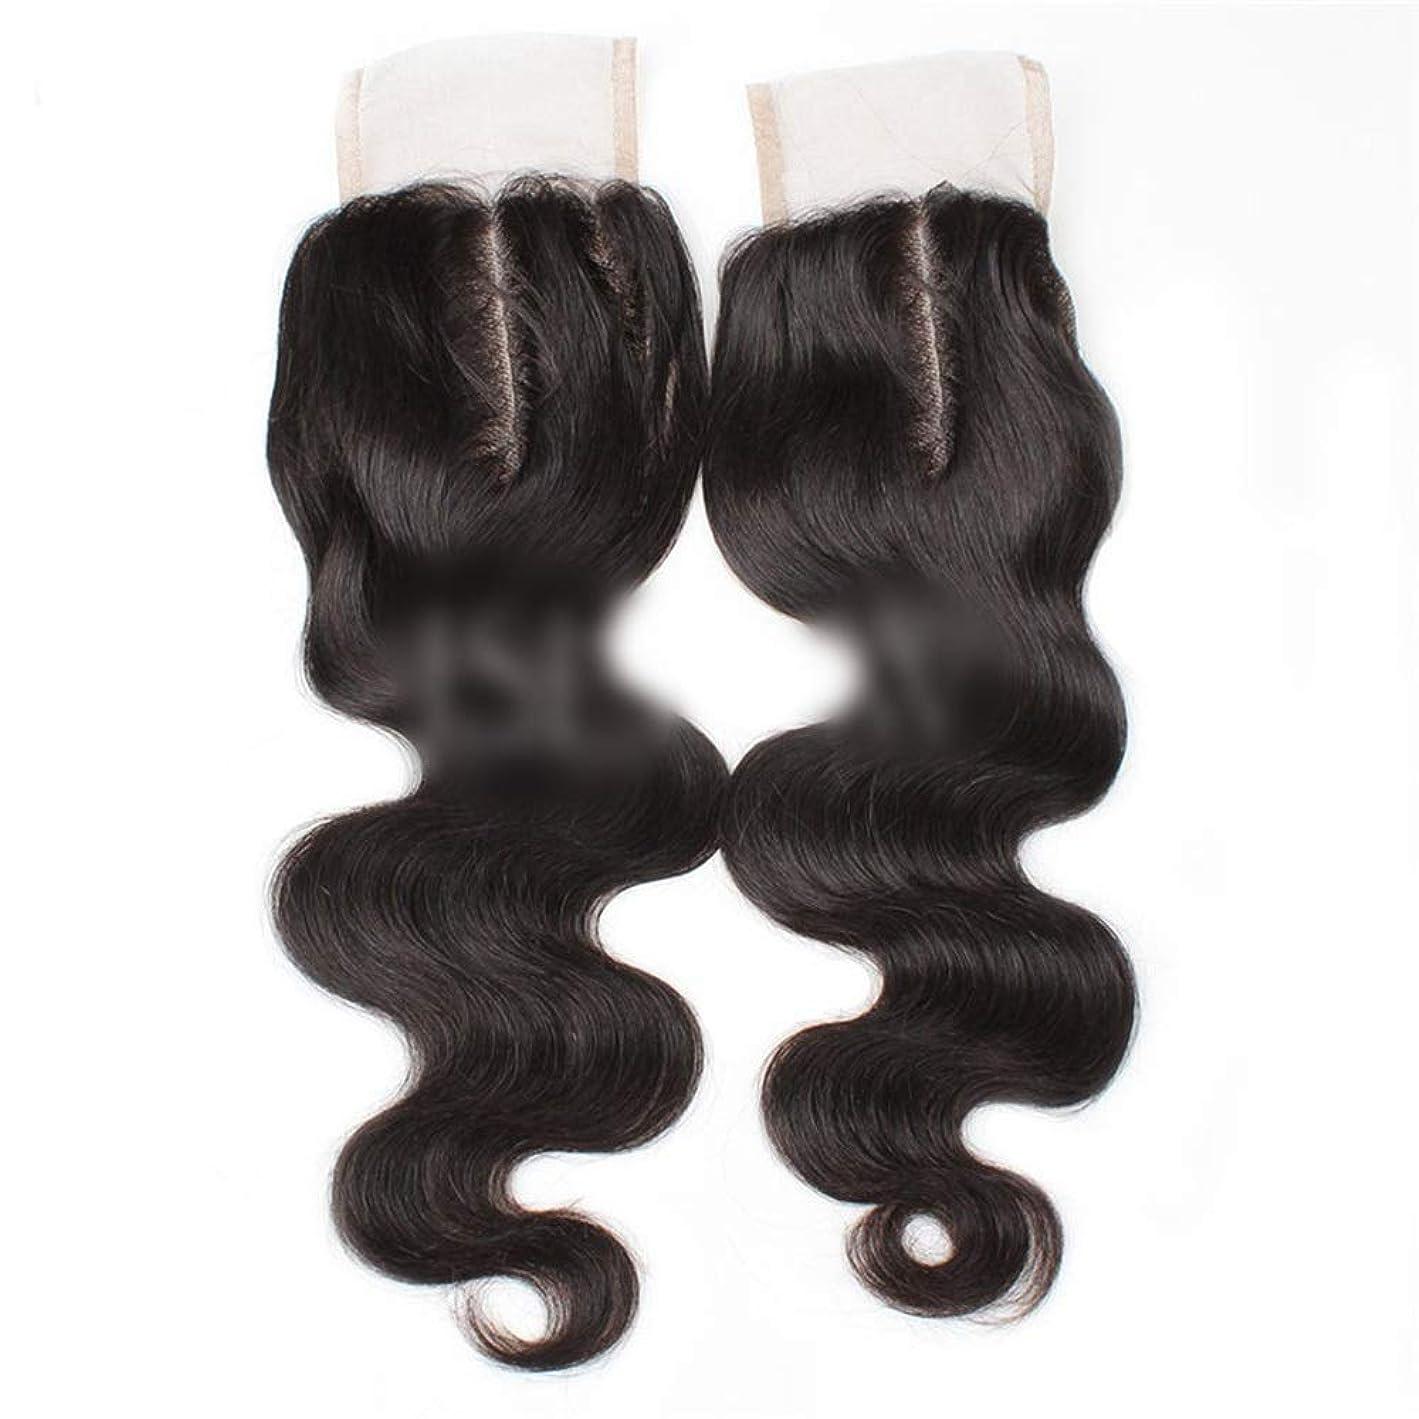 うるさいチャネルアジア人YESONEEP 9aブラジル髪実体波中間部4×4レース閉鎖人間の髪の毛ナチュラルブラック8